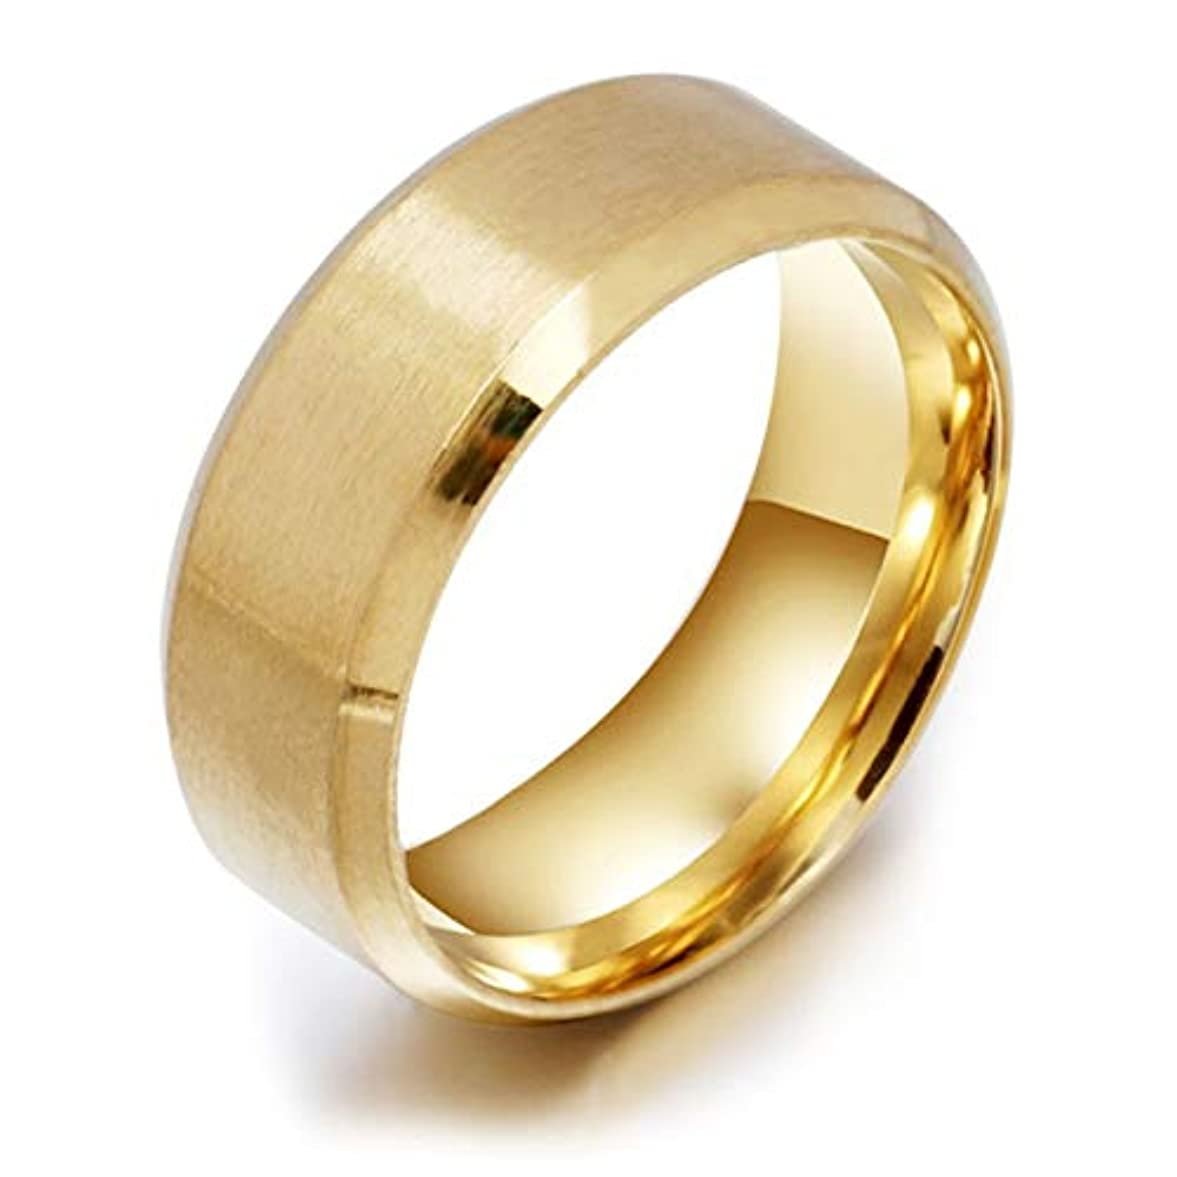 ペイント安定した原油ステンレス鋼の医療指リング磁気減量リング男性のための高いポーランドのファッションジュエリー女性リング-ゴールド10